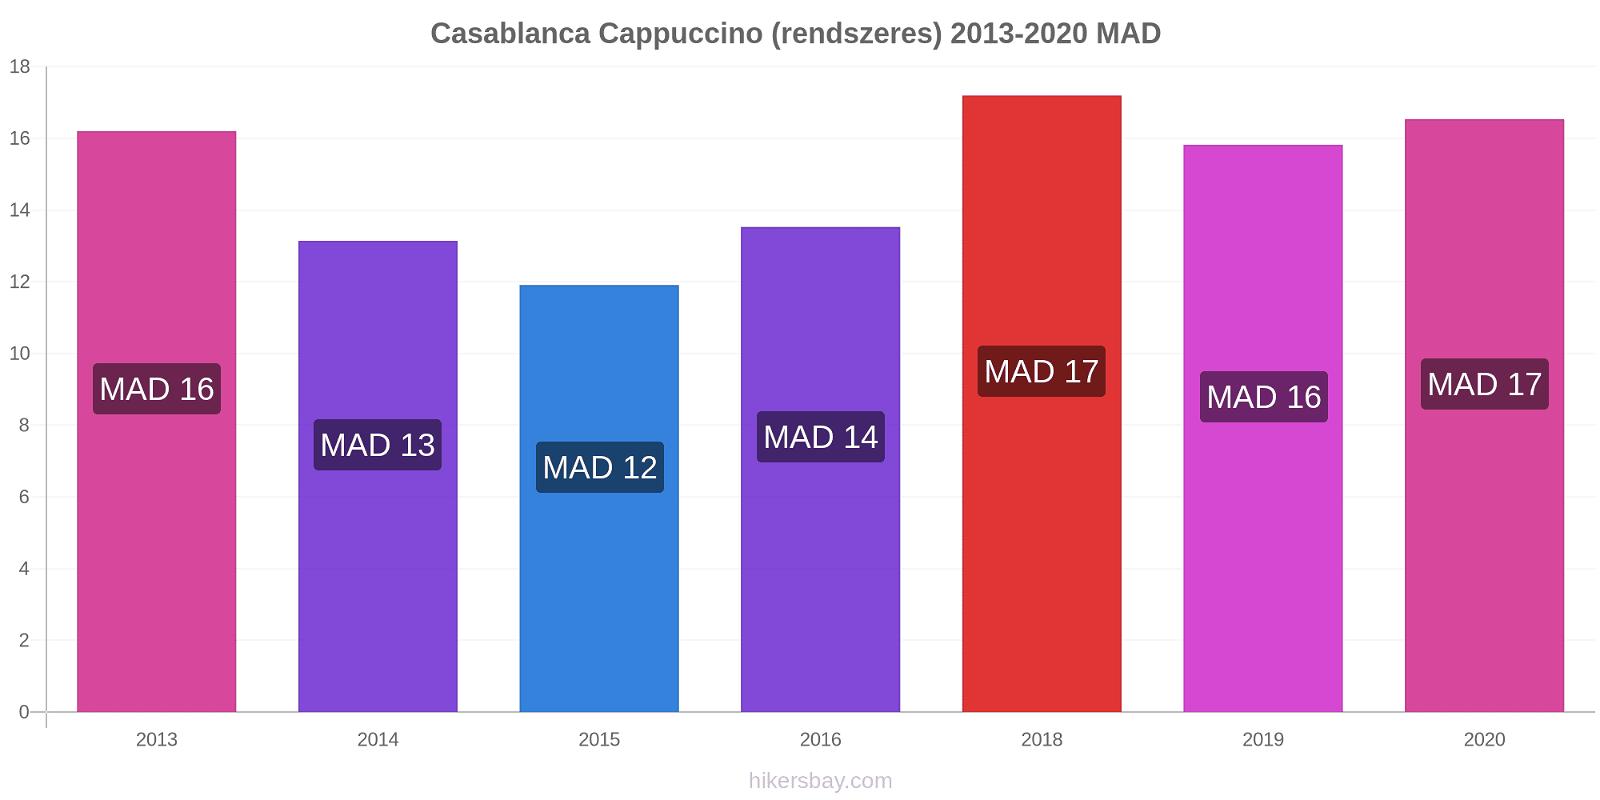 Casablanca árváltozások Cappuccino (rendszeres) hikersbay.com